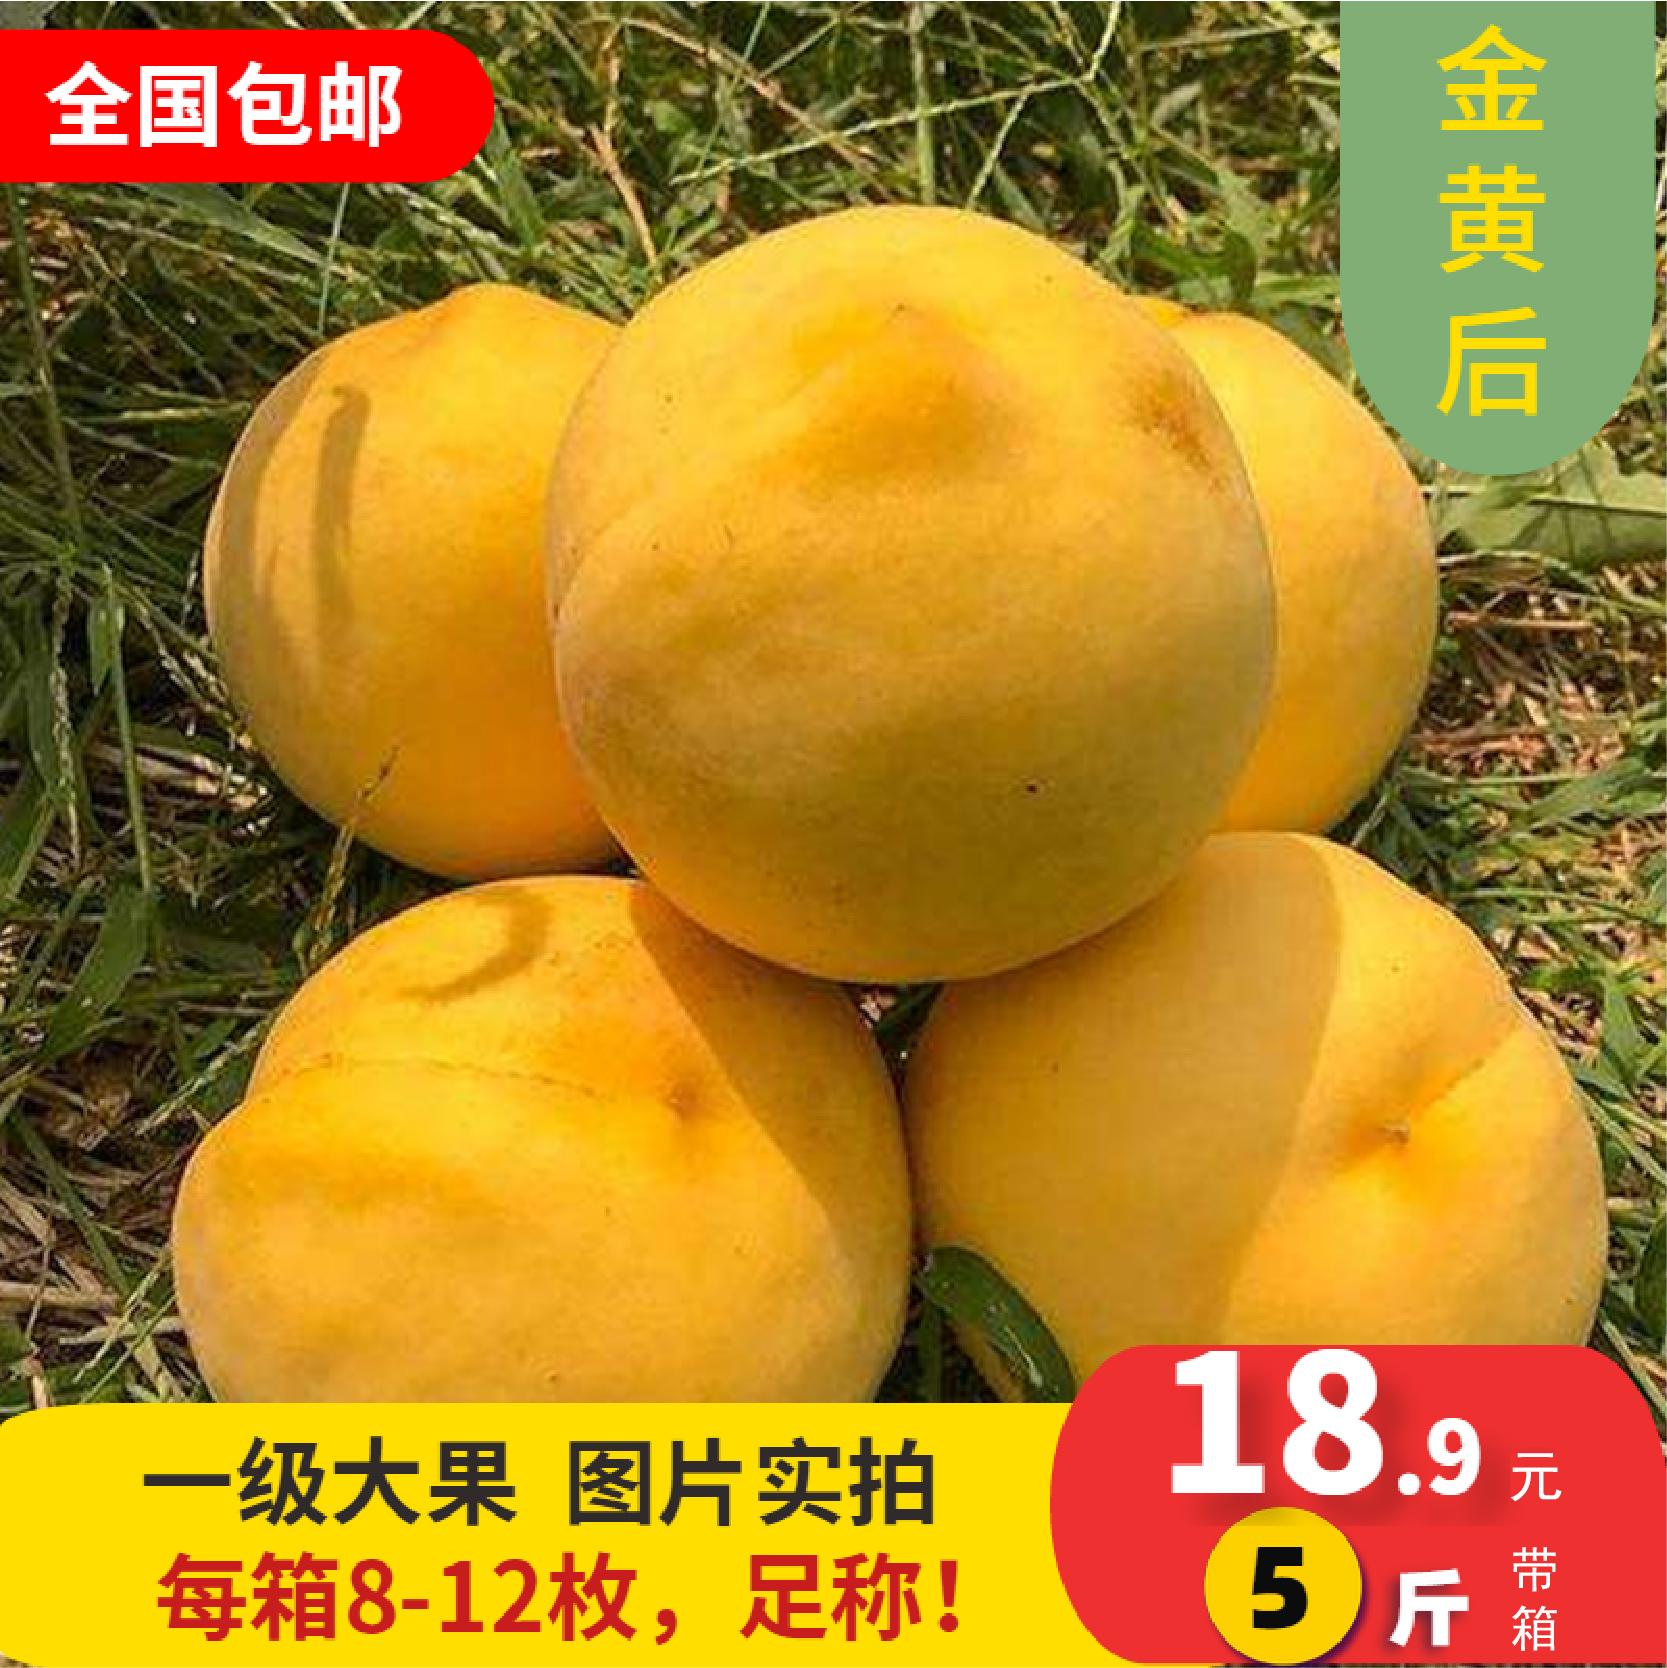 鲜甜新鲜桃子现摘黄桃现摘现发5斤保证新鲜坏果包赔02XZ